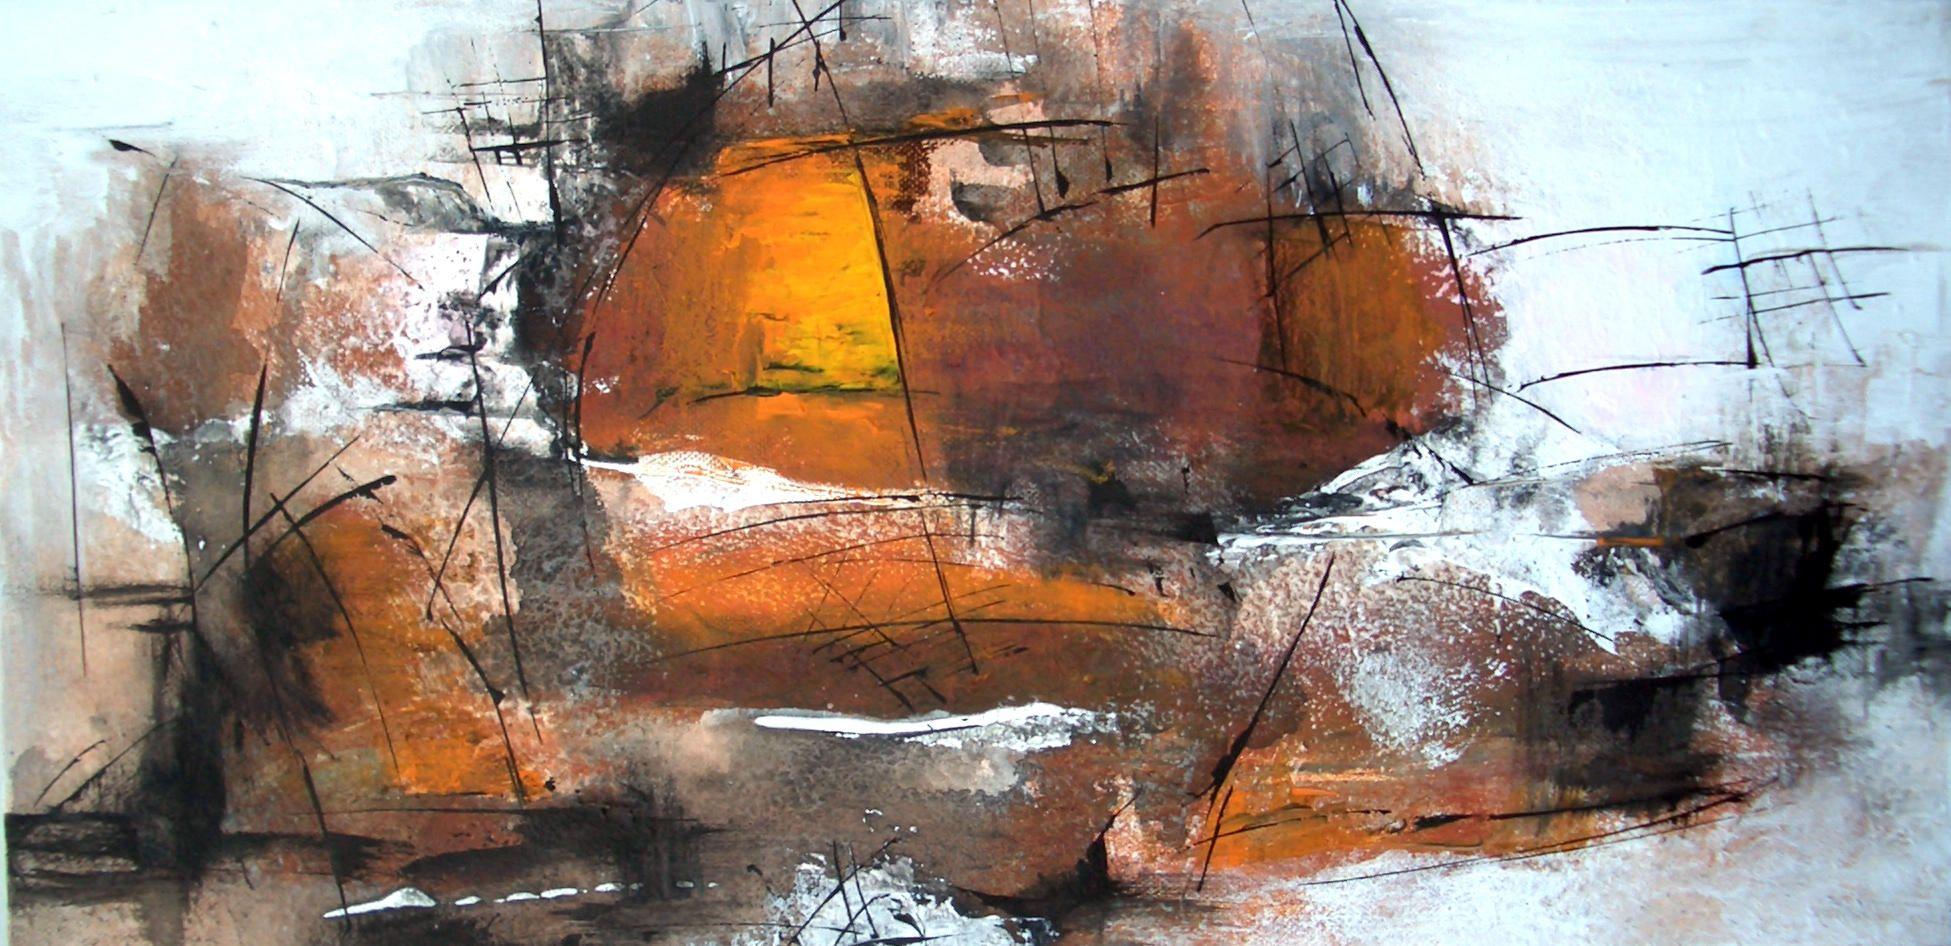 Serie Abstract-Acryl-Tusche auf Leinwand 30x60cm Jahr: 2013 Preis auf Anfrage